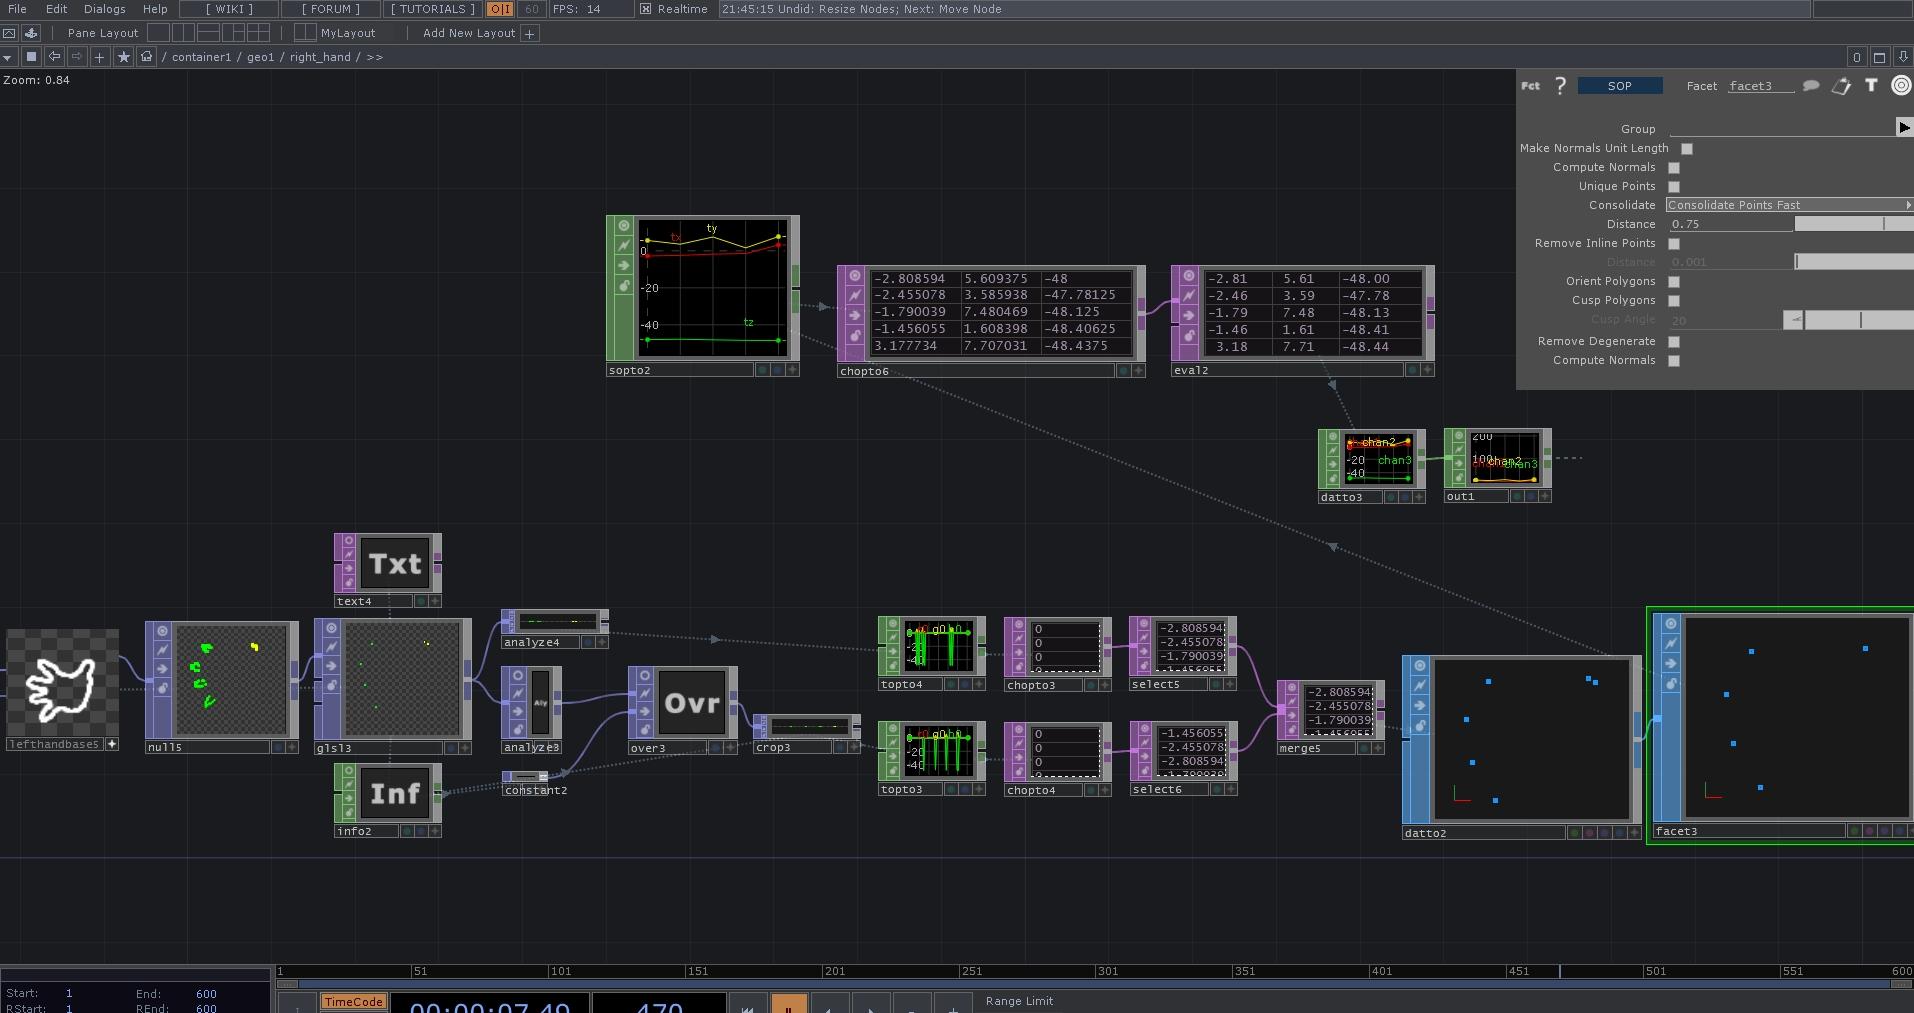 finger_tracking_screenshot_2.jpg